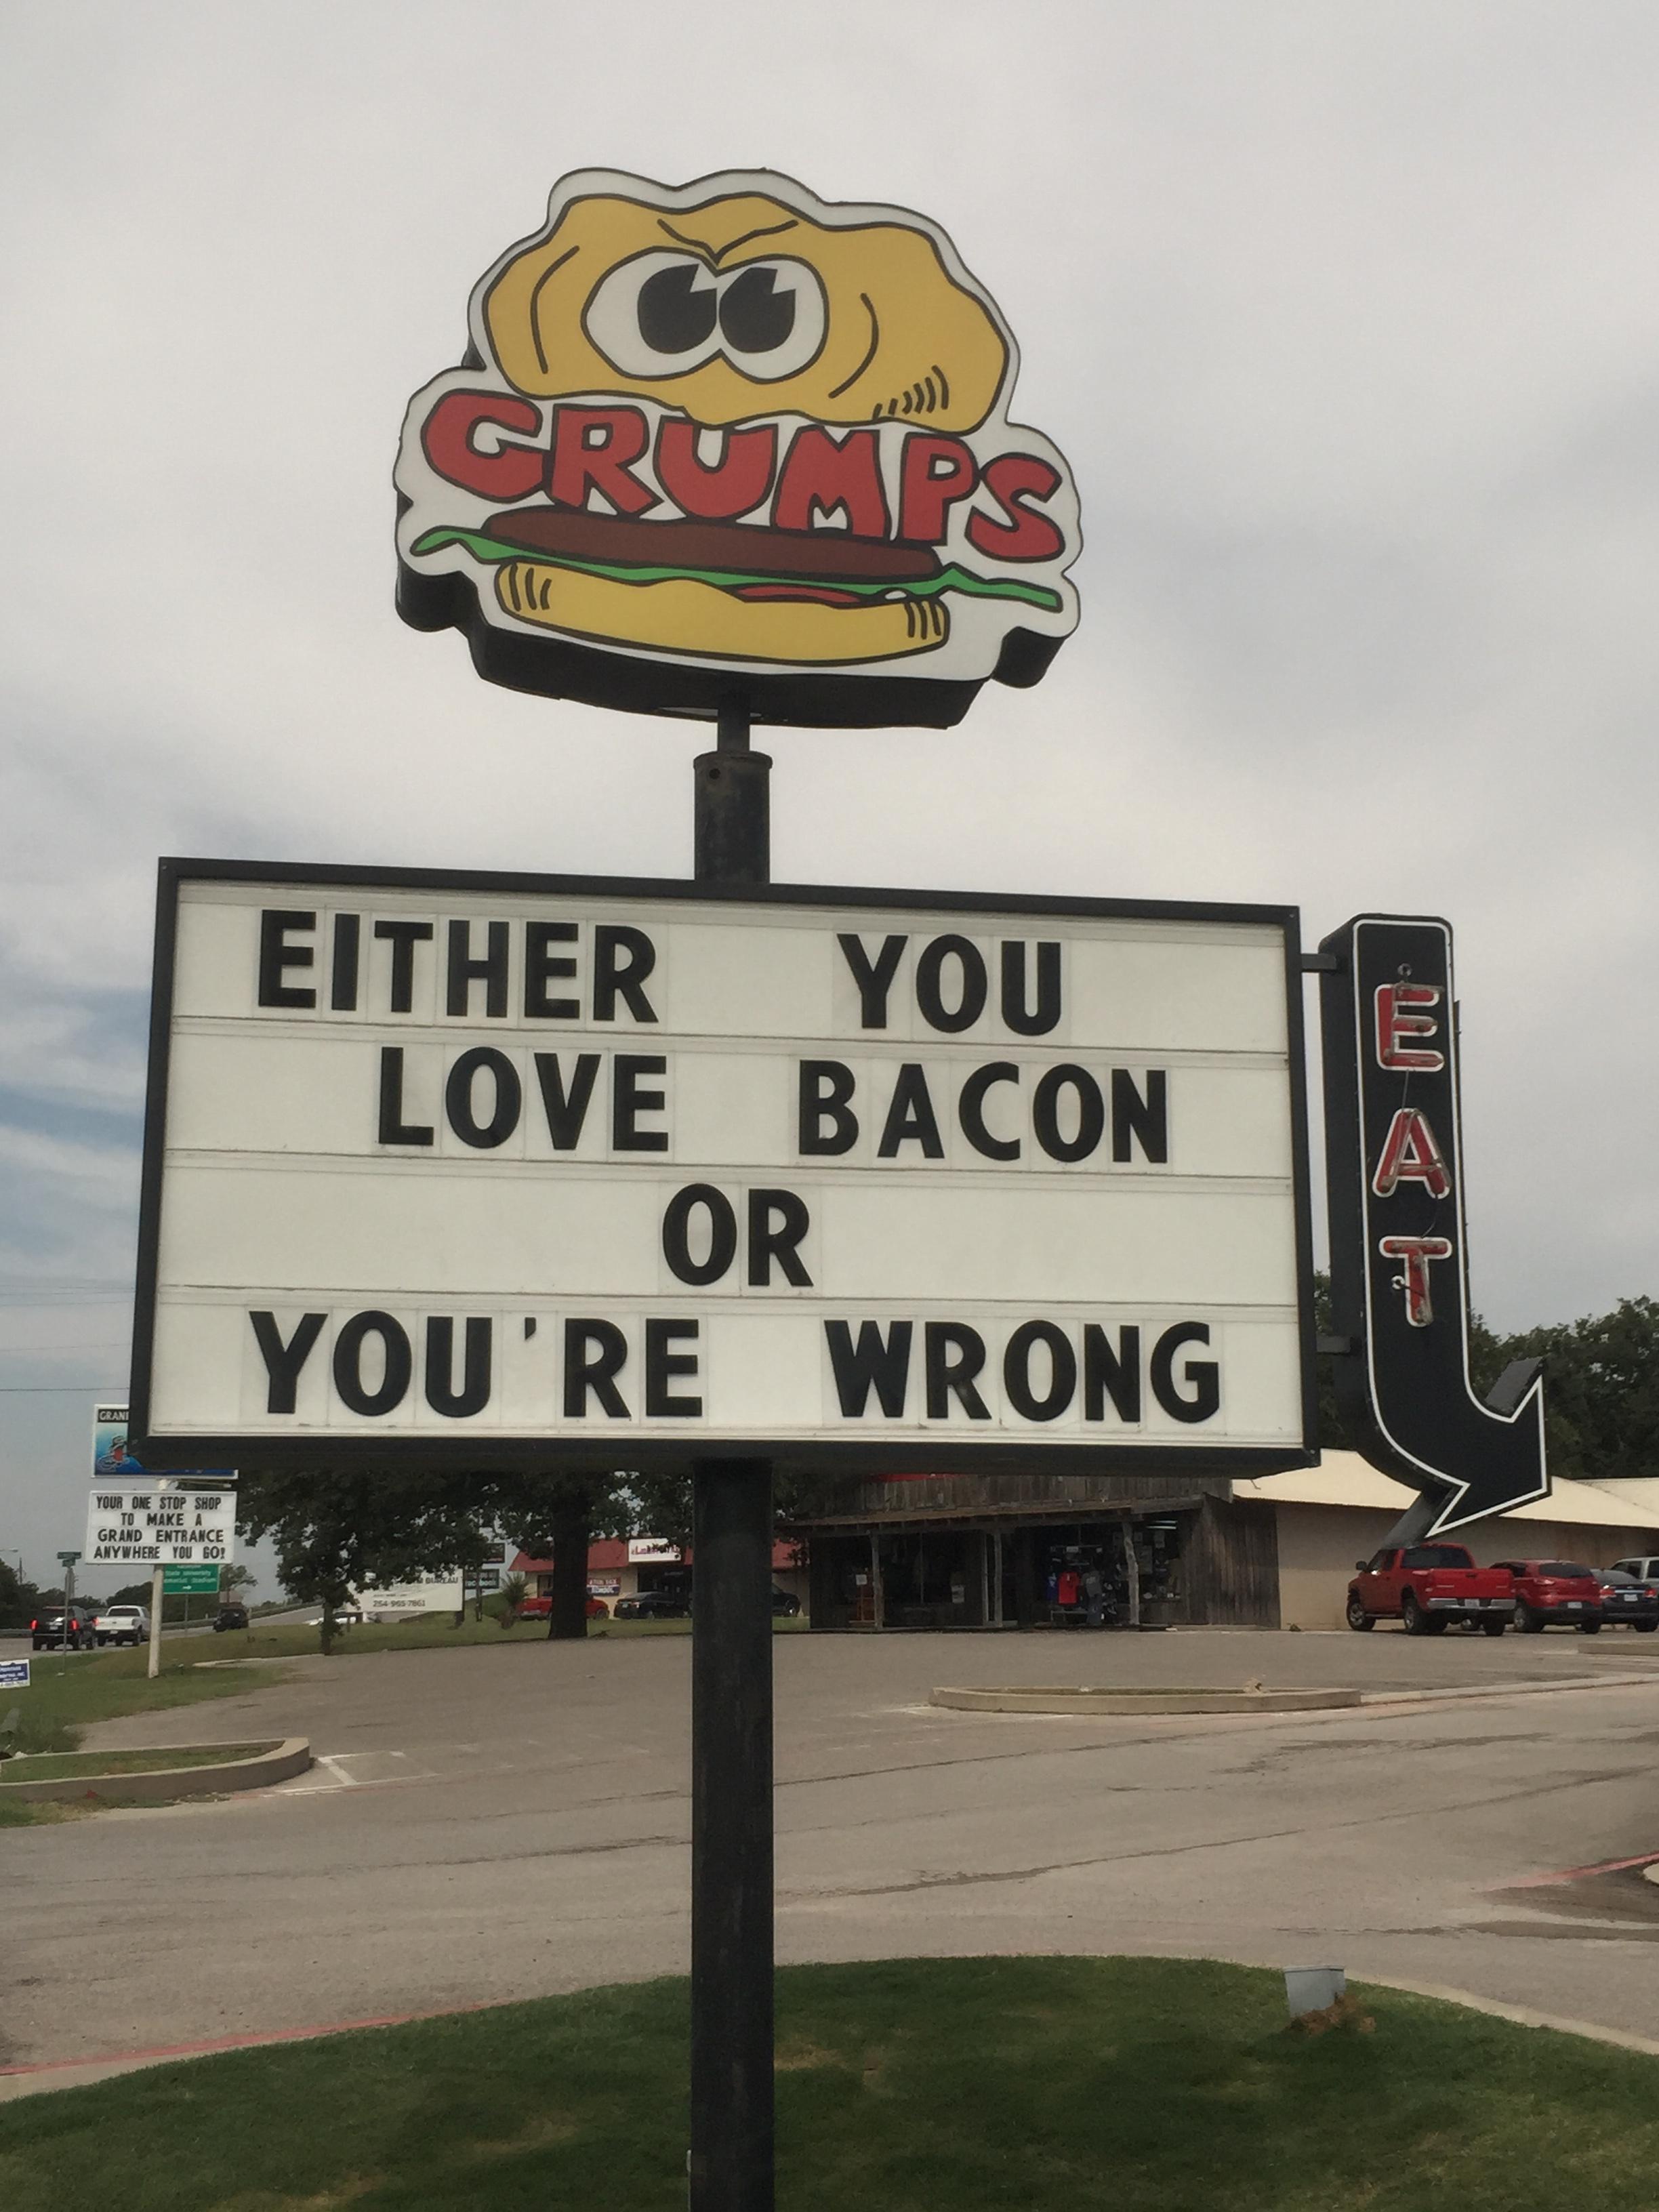 Do YOU love bacon